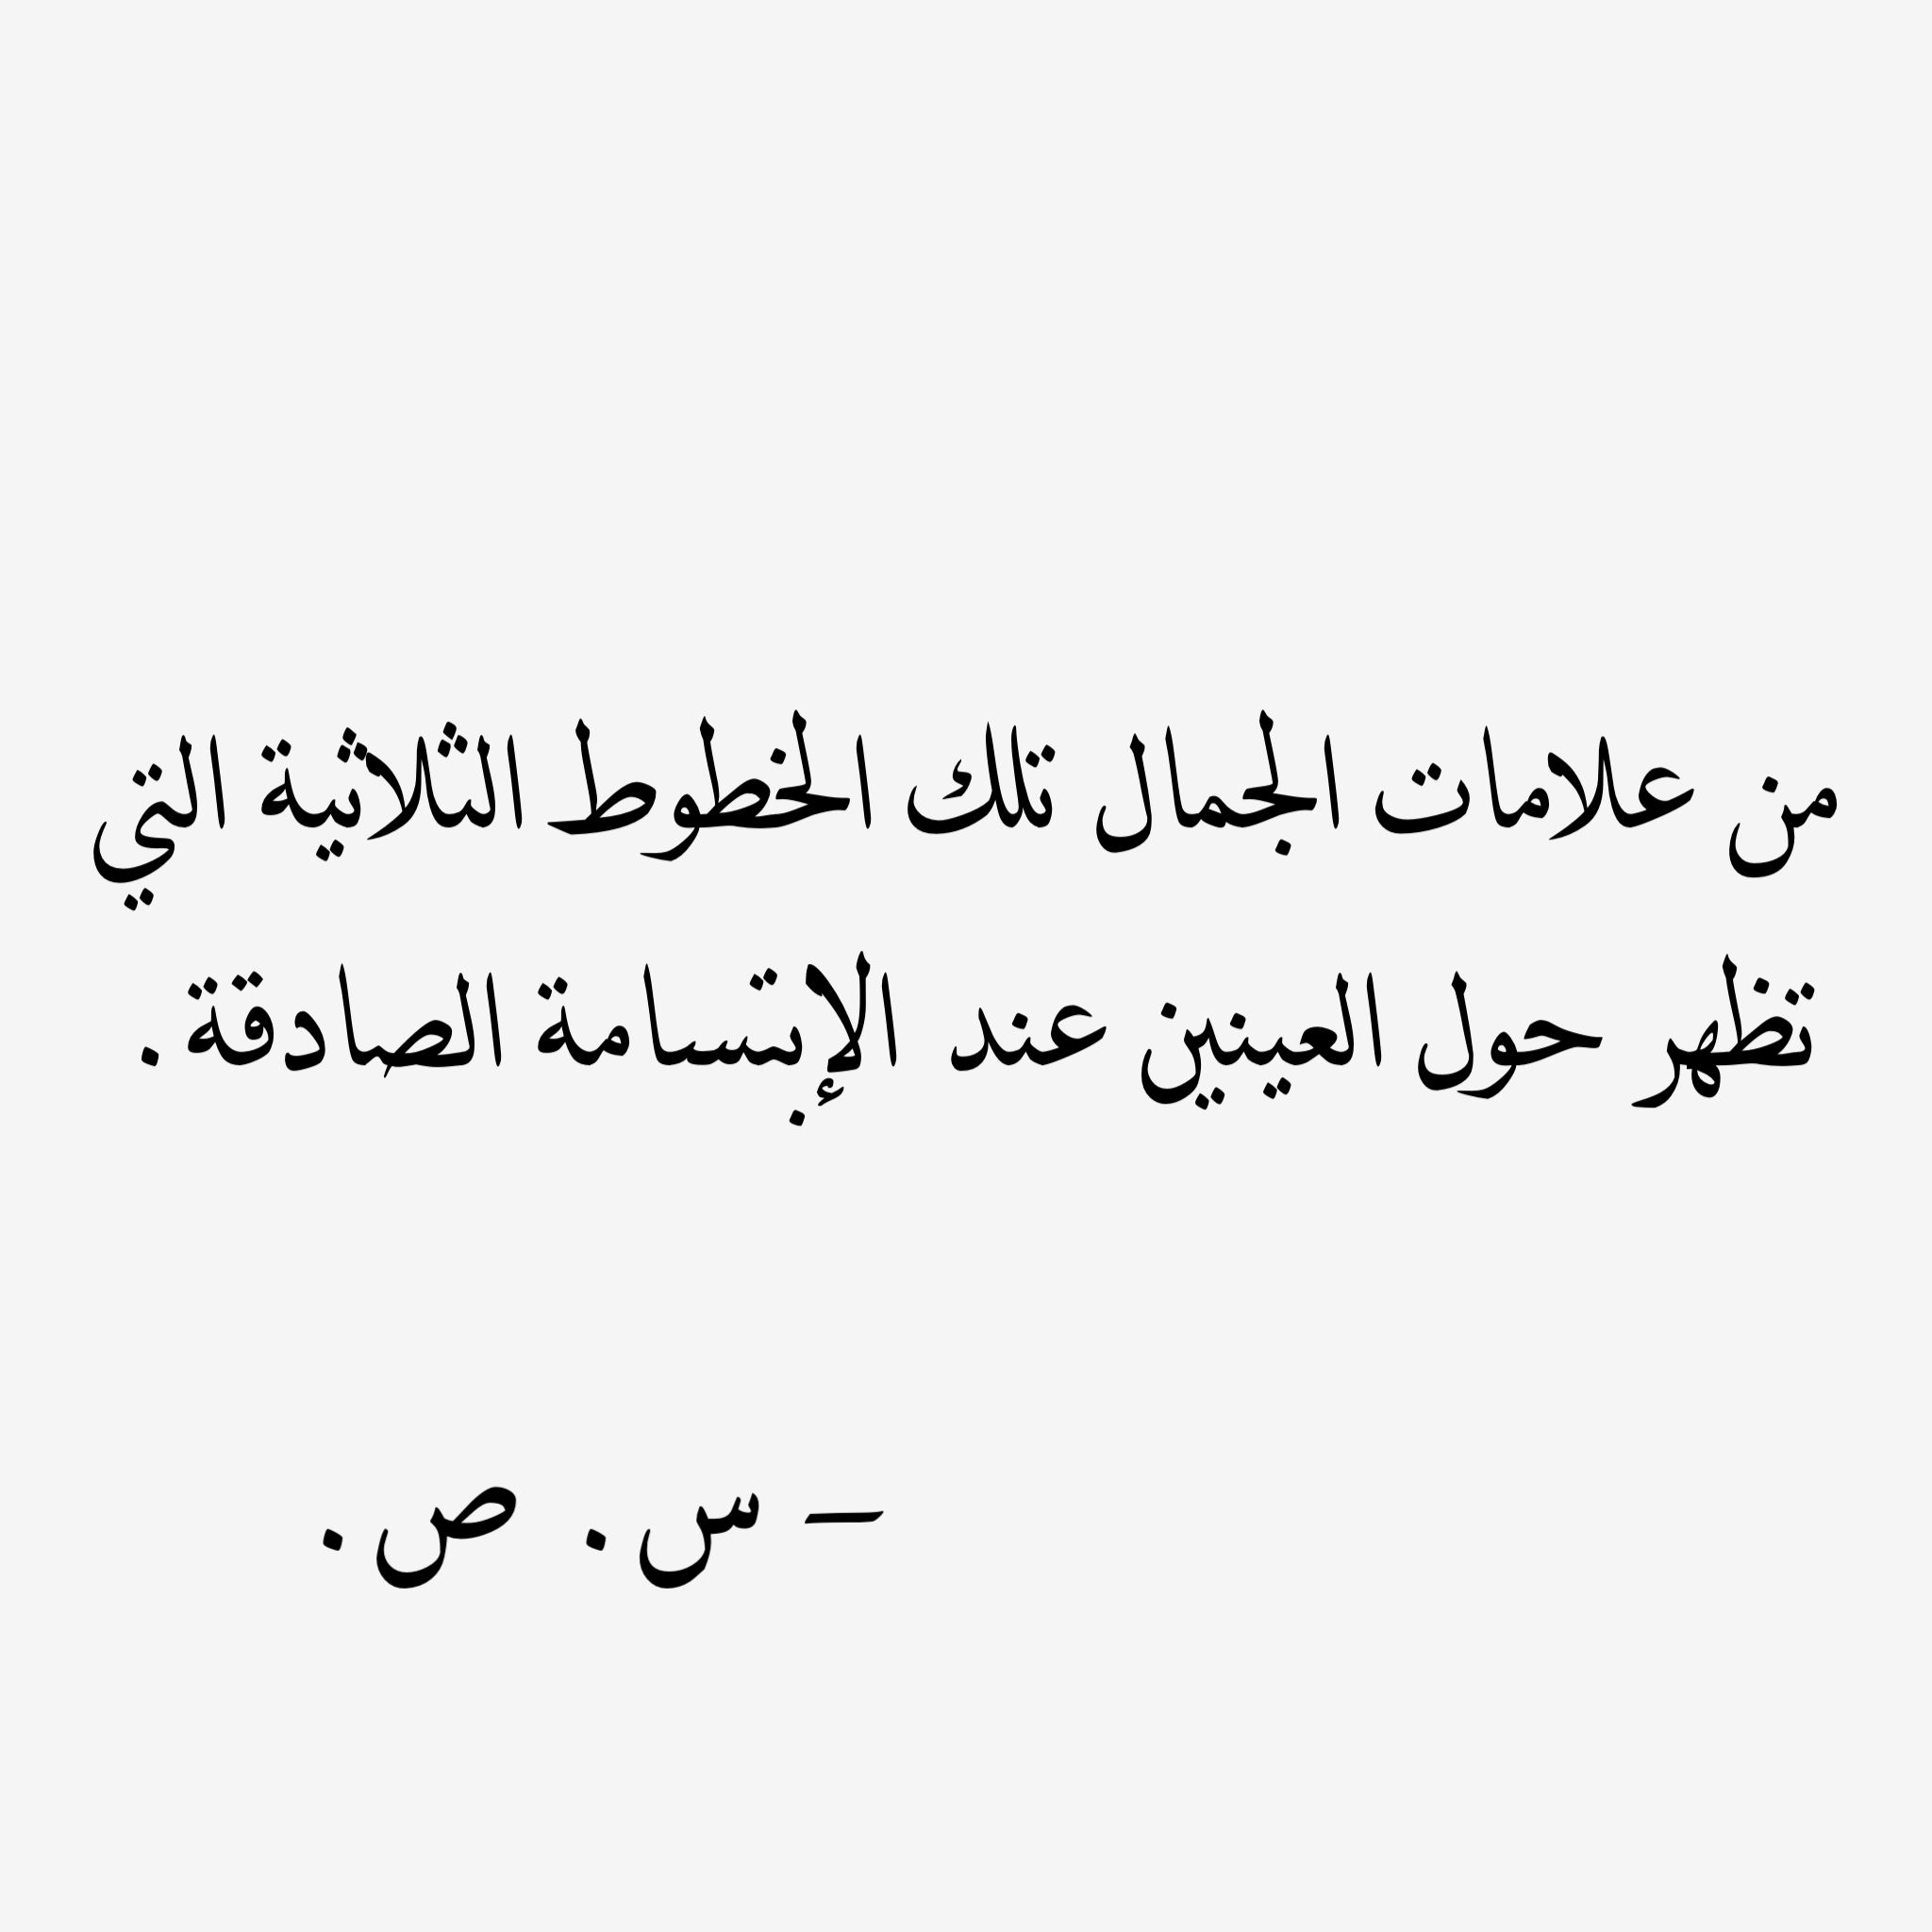 ل ن عيد تعريف الجمال كي تكون الروح أجمل ما نراه في البشر Special Quotes Inspirational Quotes True Words